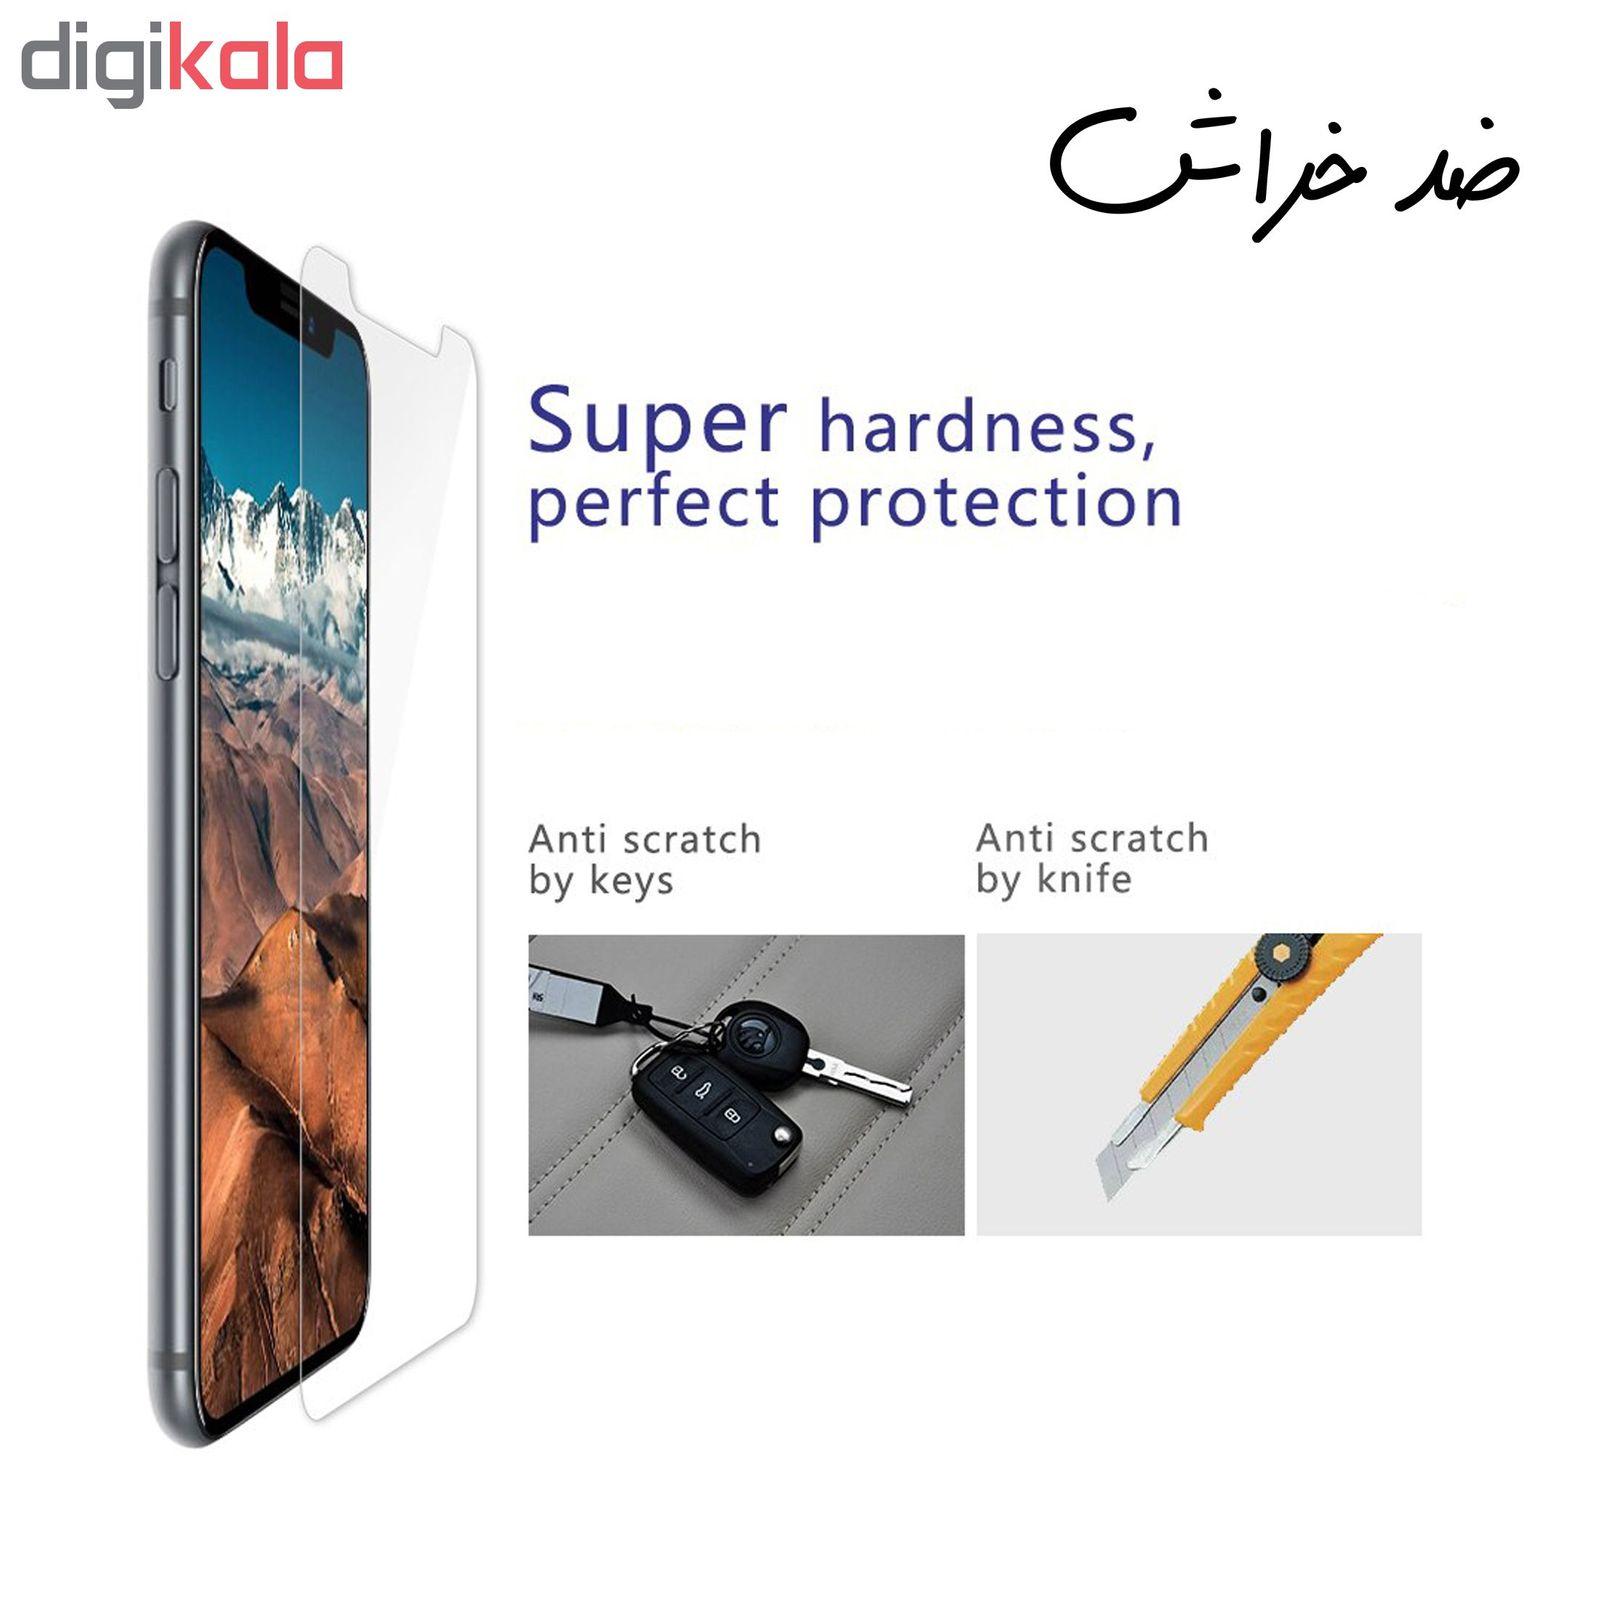 محافظ صفحه نمایش مات Hard and Thick  مدل F-01 مناسب برای گوشی موبایل اپل Iphone 11 pro max main 1 4